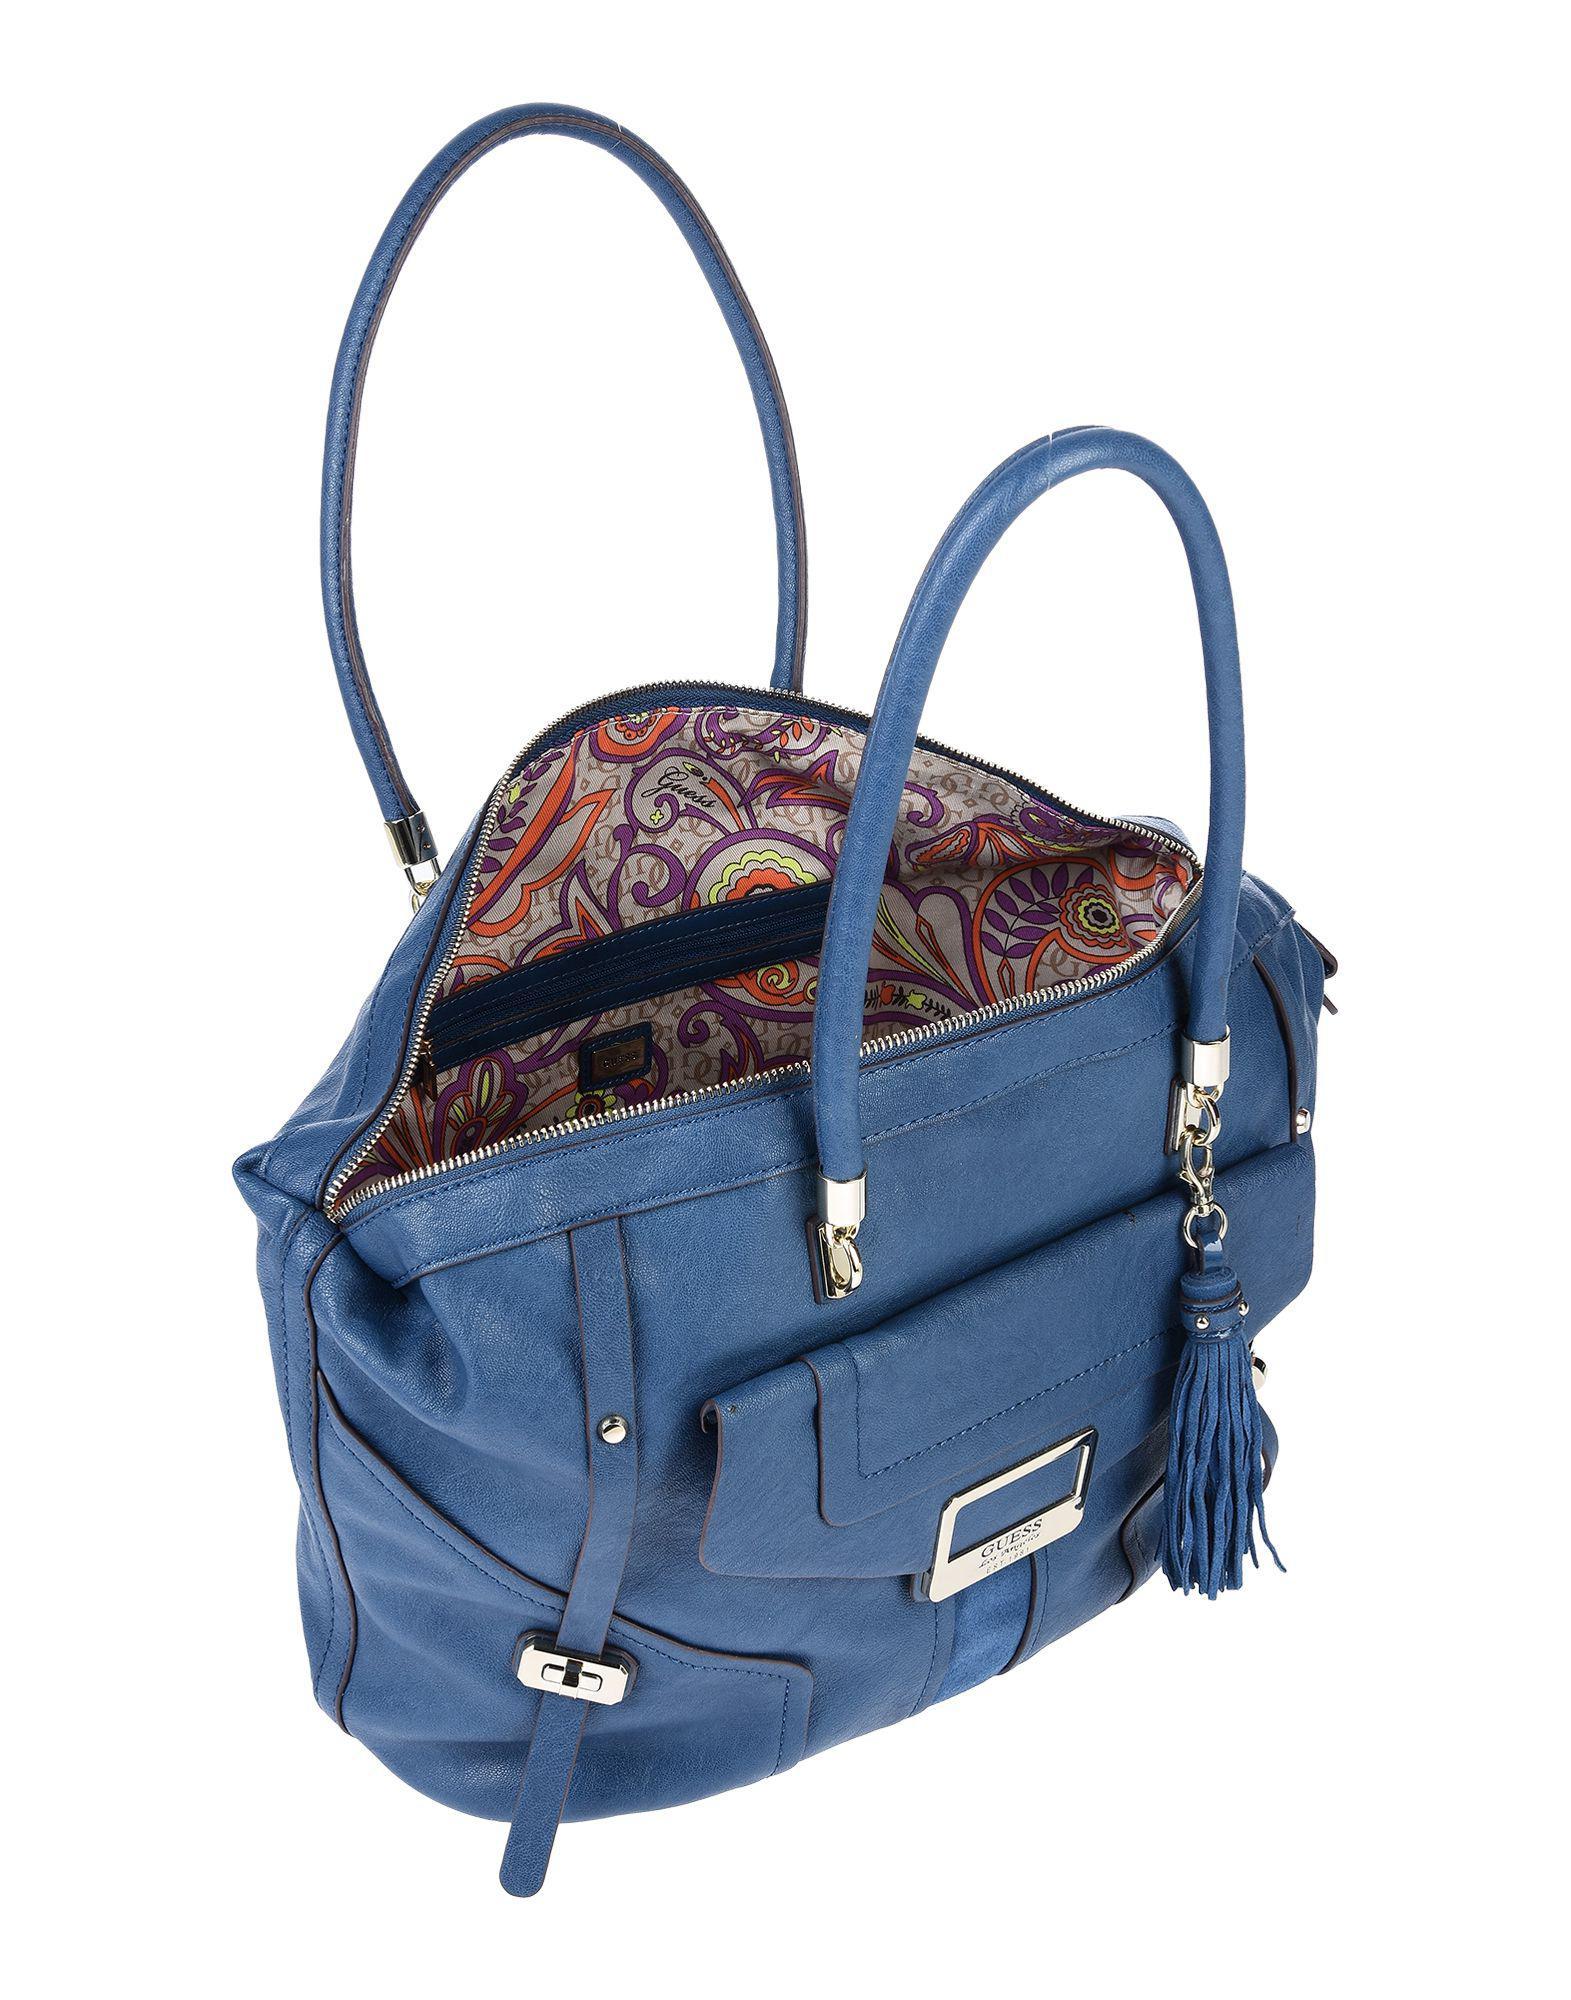 a1715ea62164 Lyst - Guess Handbag in Blue